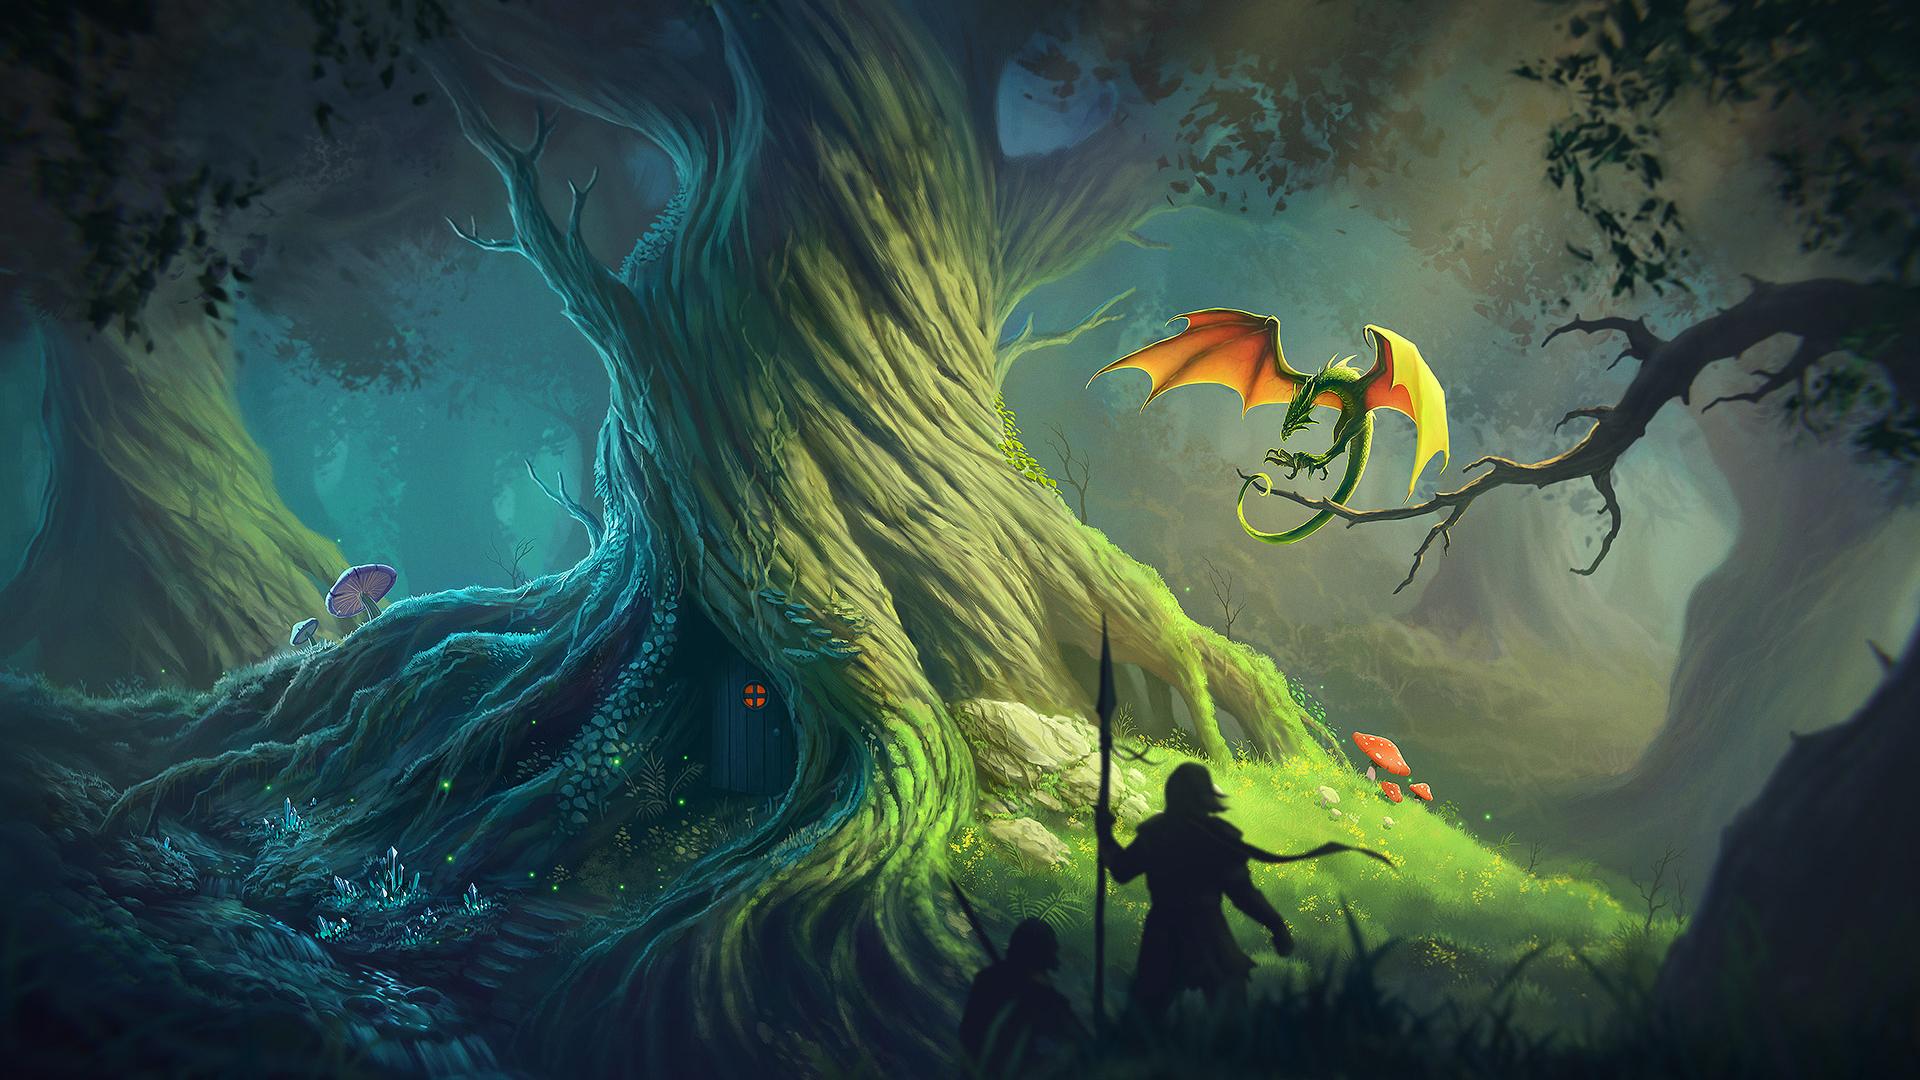 картинки с драконами на природе одна